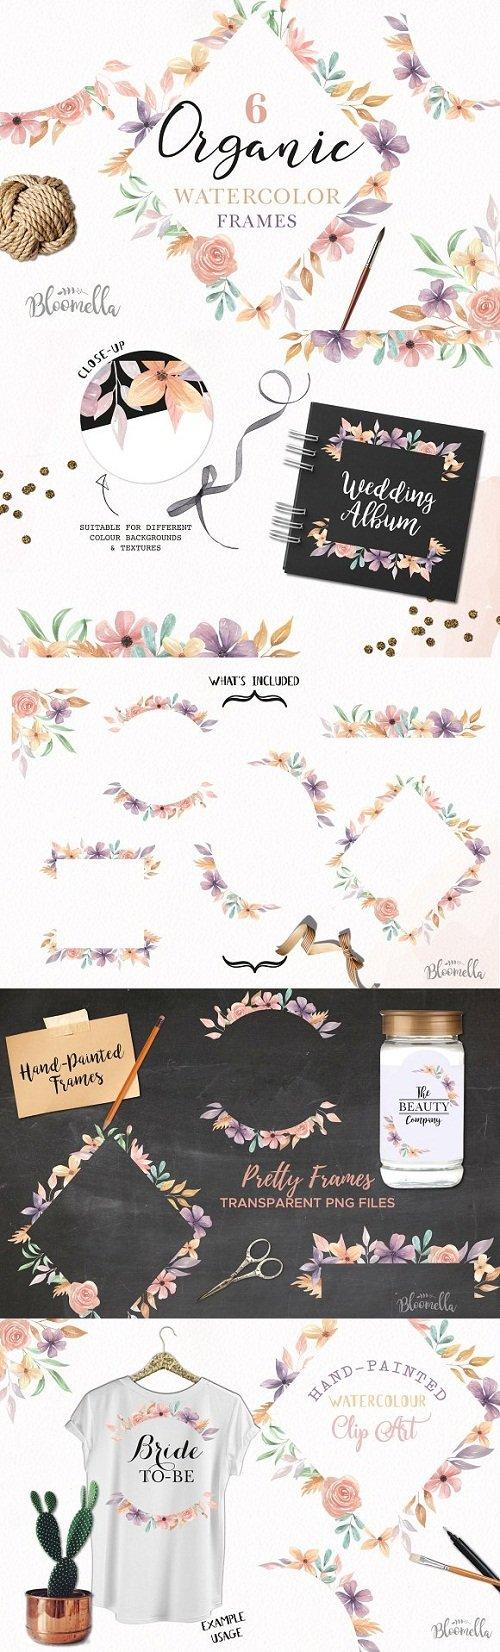 Floral Watercolour Flowers Frames - 3164885